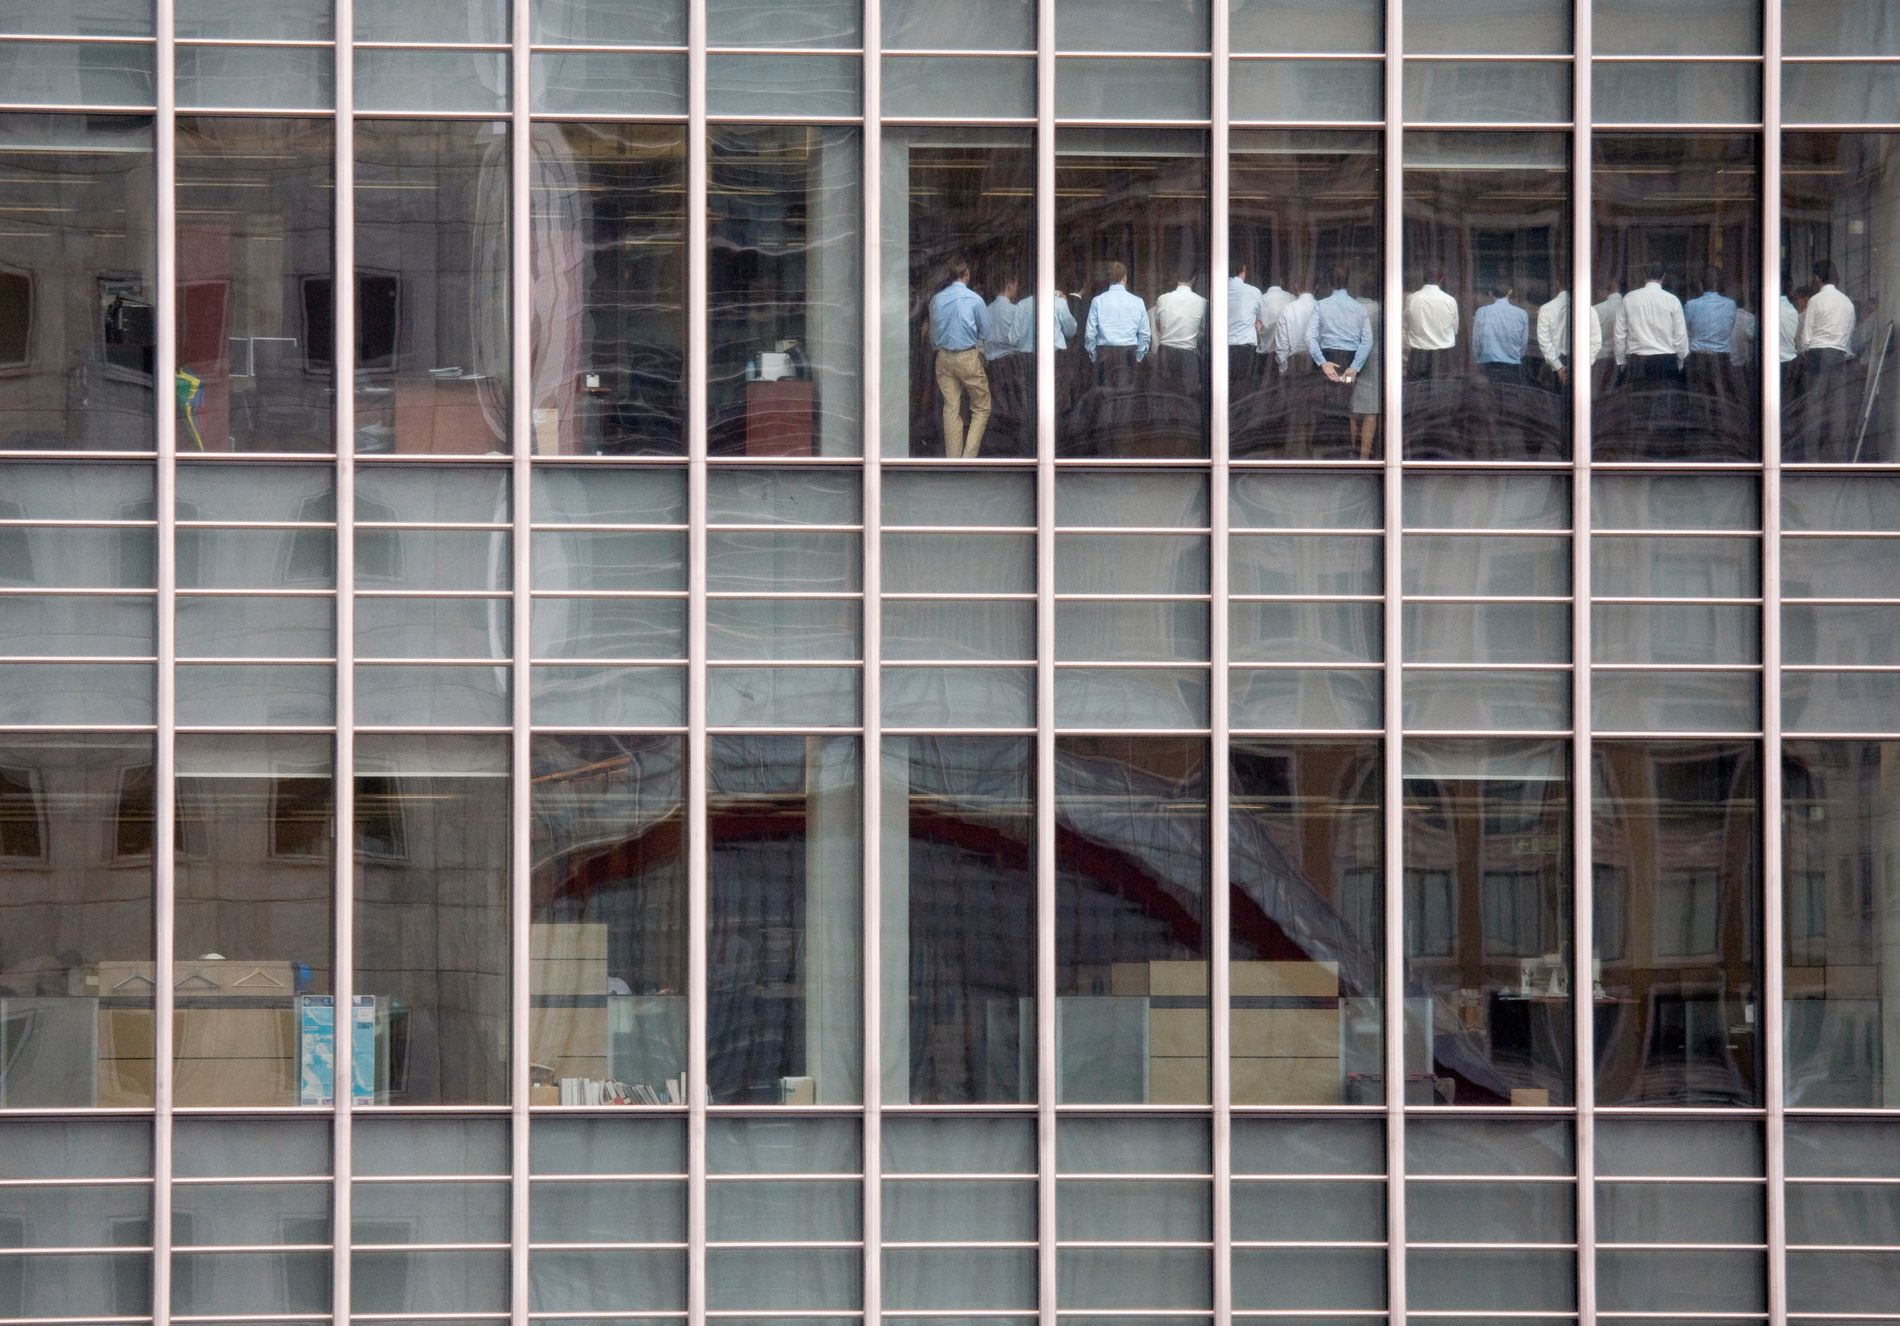 FALLET: Ikonisk bilete frå finanskrisa hausten 2008: Ståande stabsmøte i Lehman Brothers' lokale i London, fire dagar før banken gjekk konkurs.